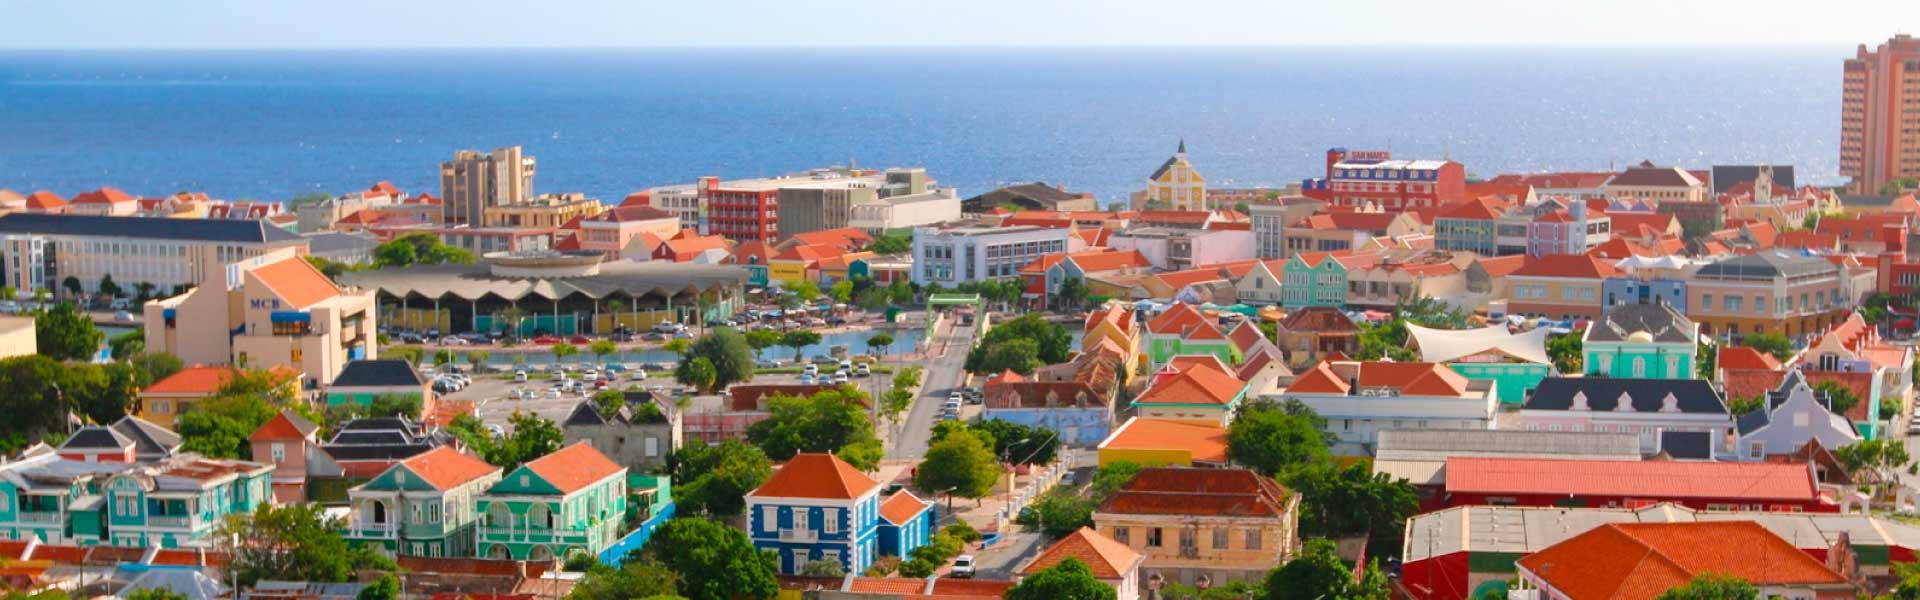 Vista de Oranjestad Aruba